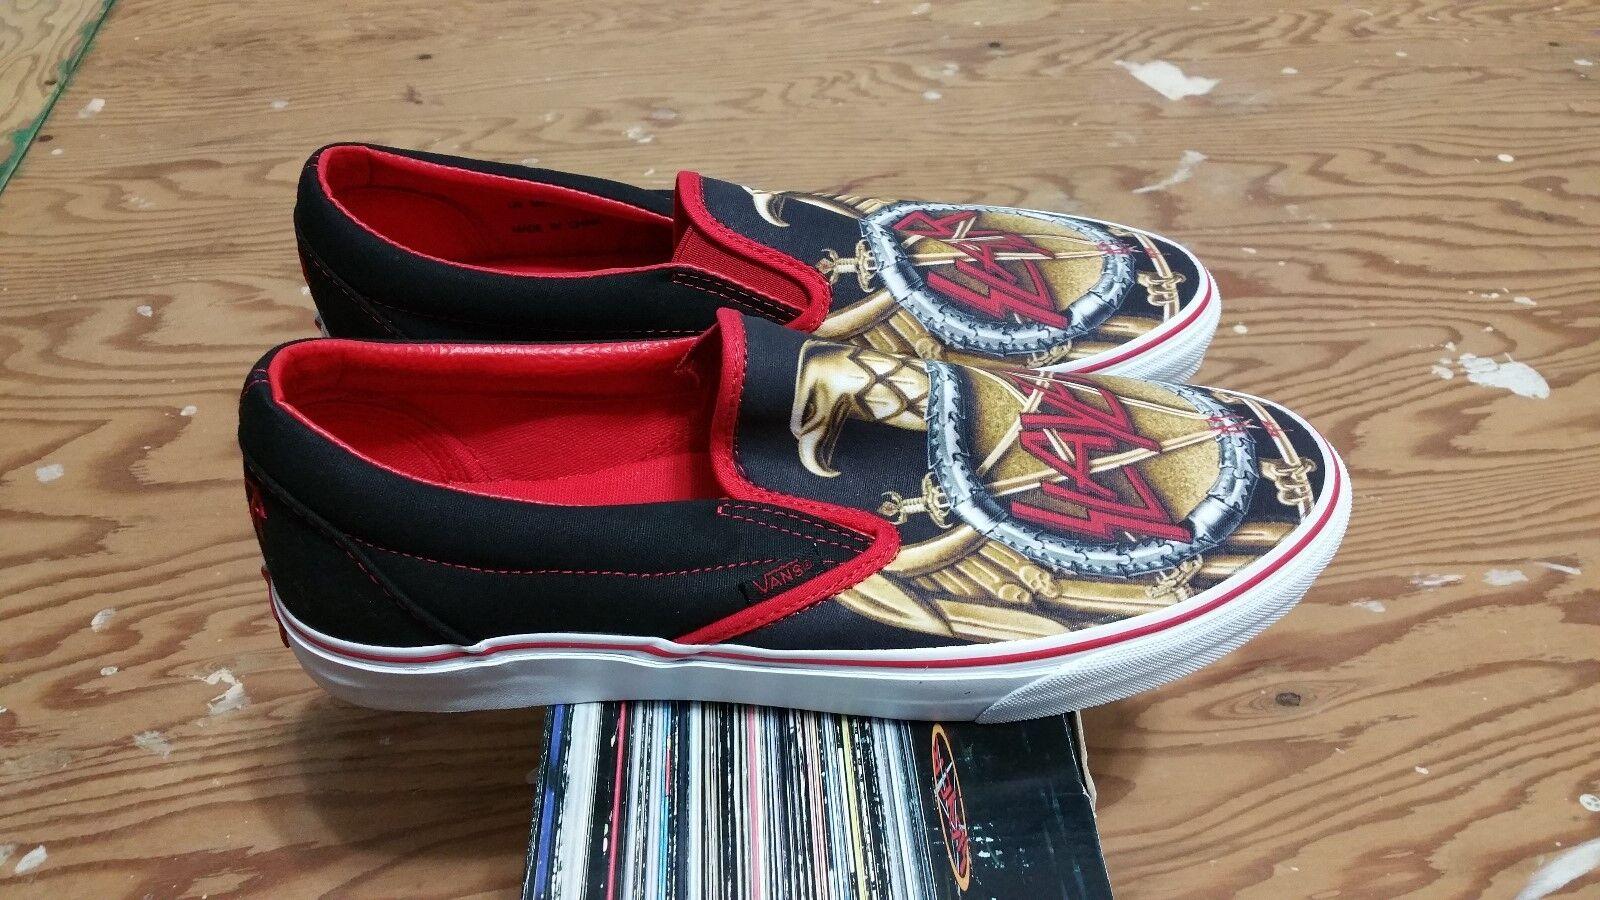 Vans X Slayer Slip-On Size 11 iron maiden supreme wtaps syndicate mastodon